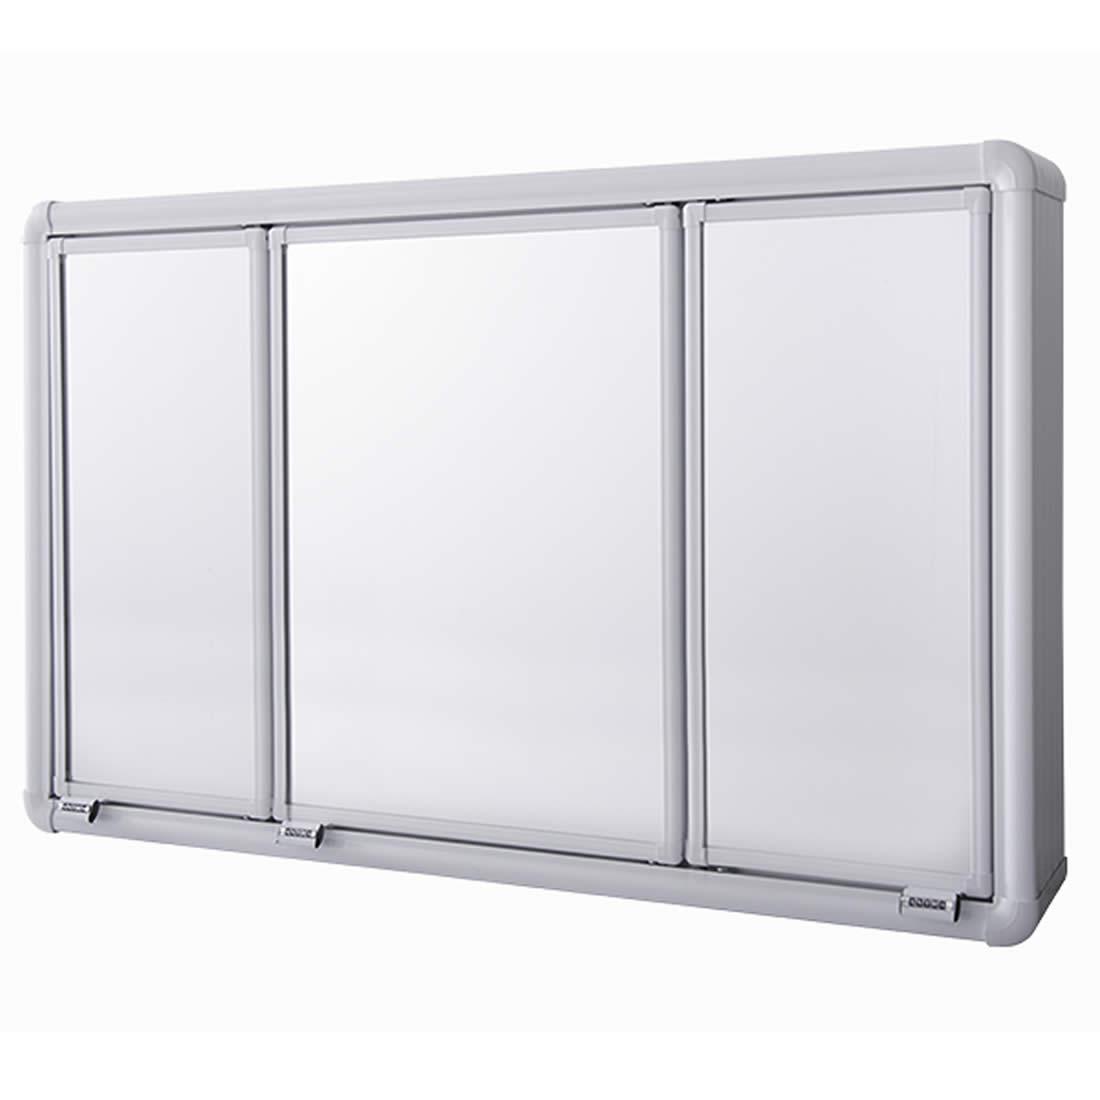 Armário Astra de Alumínio Com 3 Portas de Embutir 73 x 45 x 10,7 Ref LBP14/SC